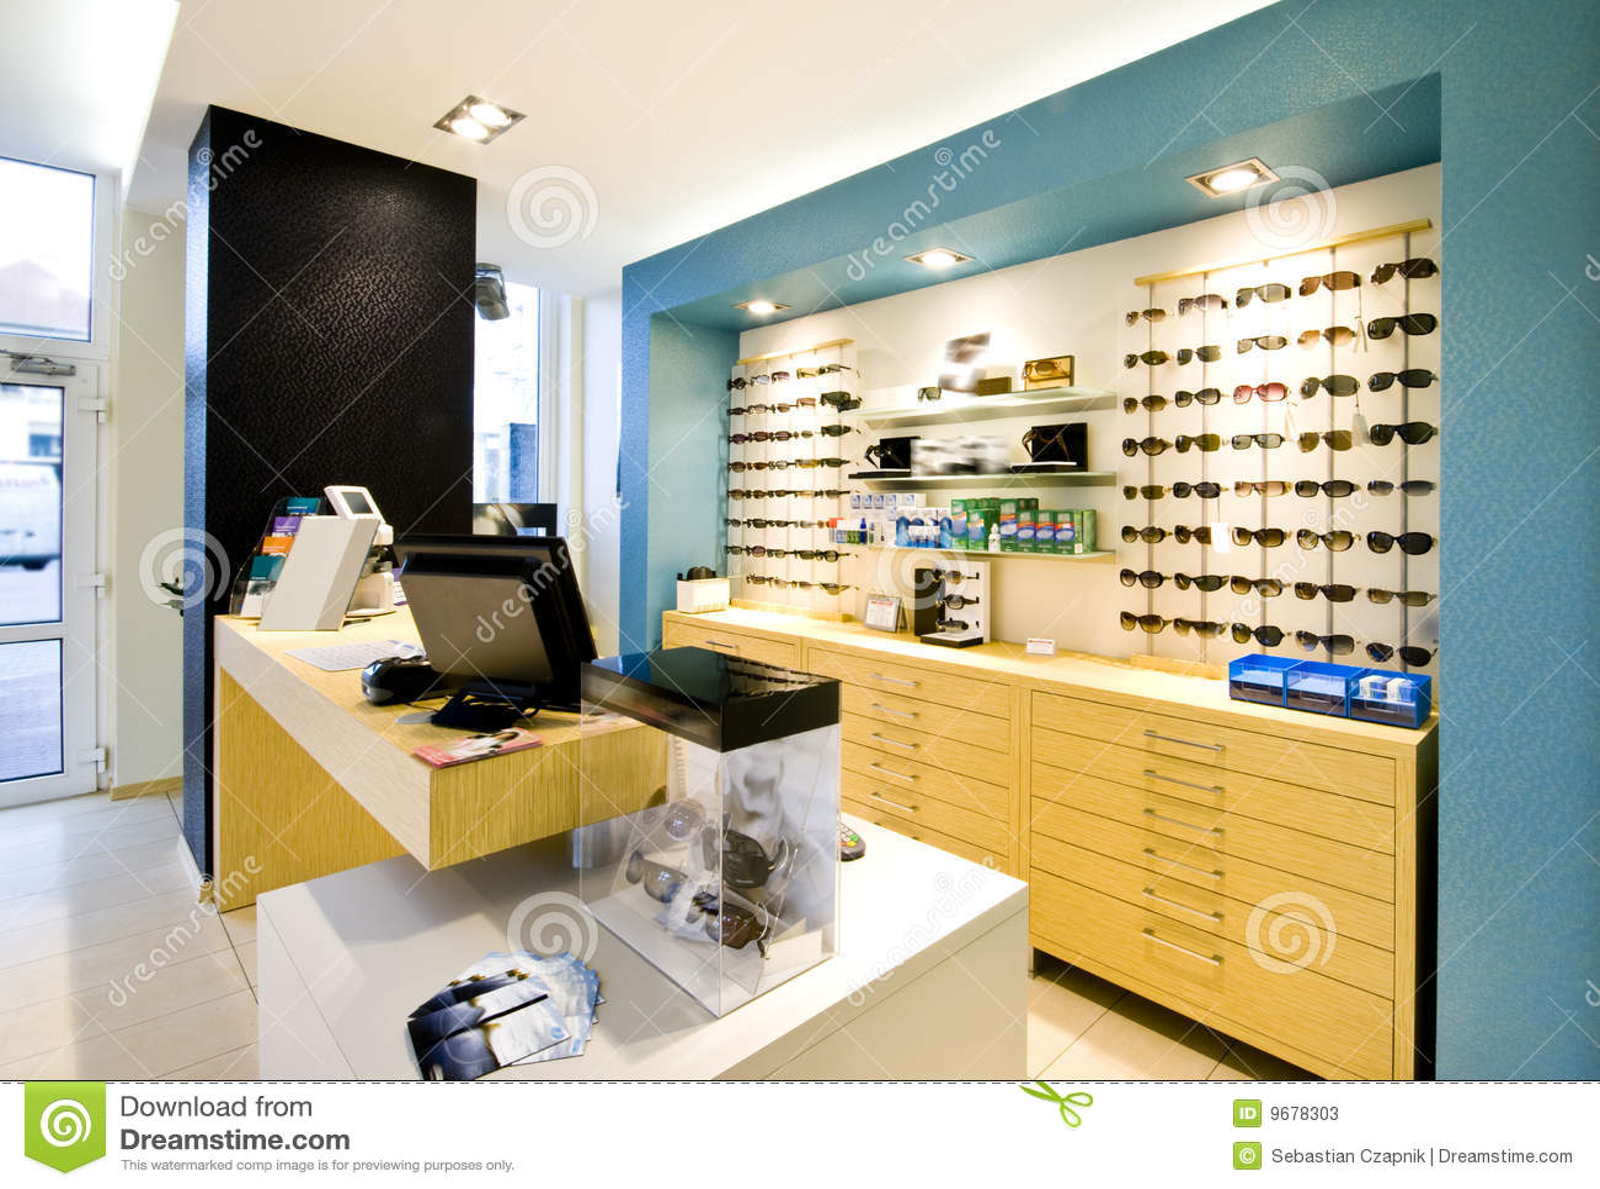 d88f3dc635 αντίθετο eyeglasses παρουσίασης βασικό κατάστημα οπτικών. Φωτογραφία ...